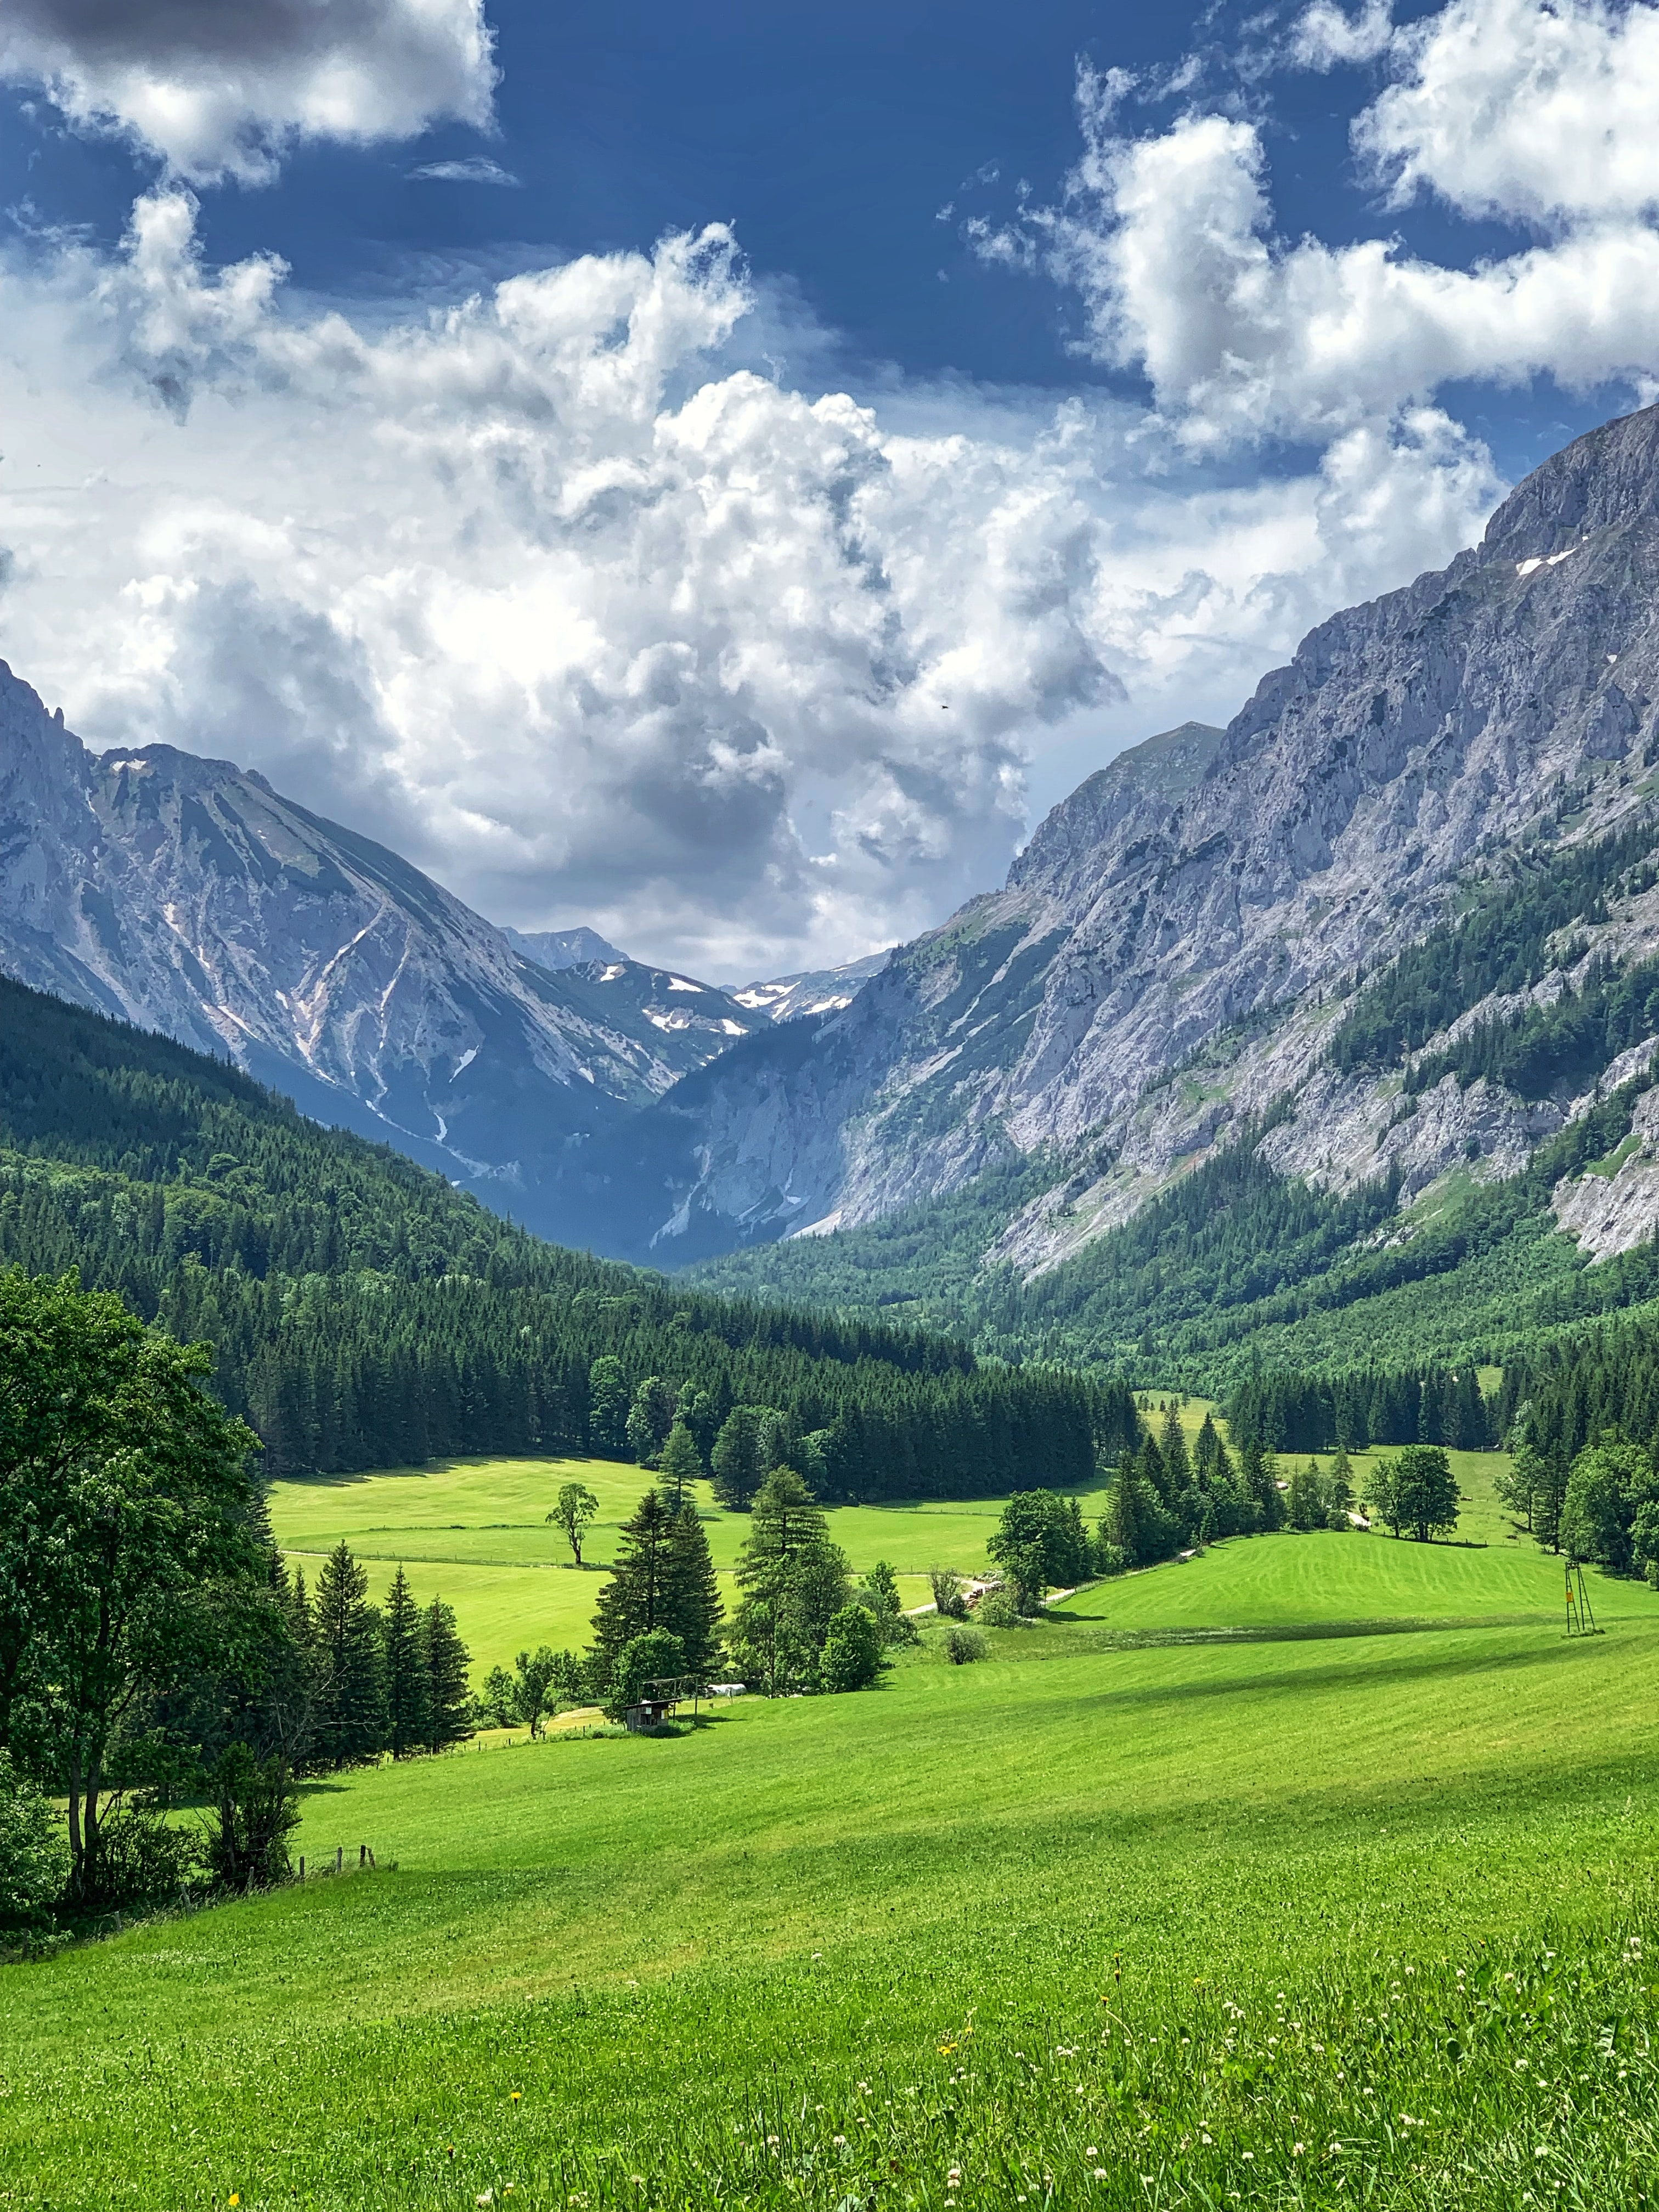 136836 скачать обои Пейзаж, Трава, Зеленый, Природа, Деревья, Горы, Долина - заставки и картинки бесплатно